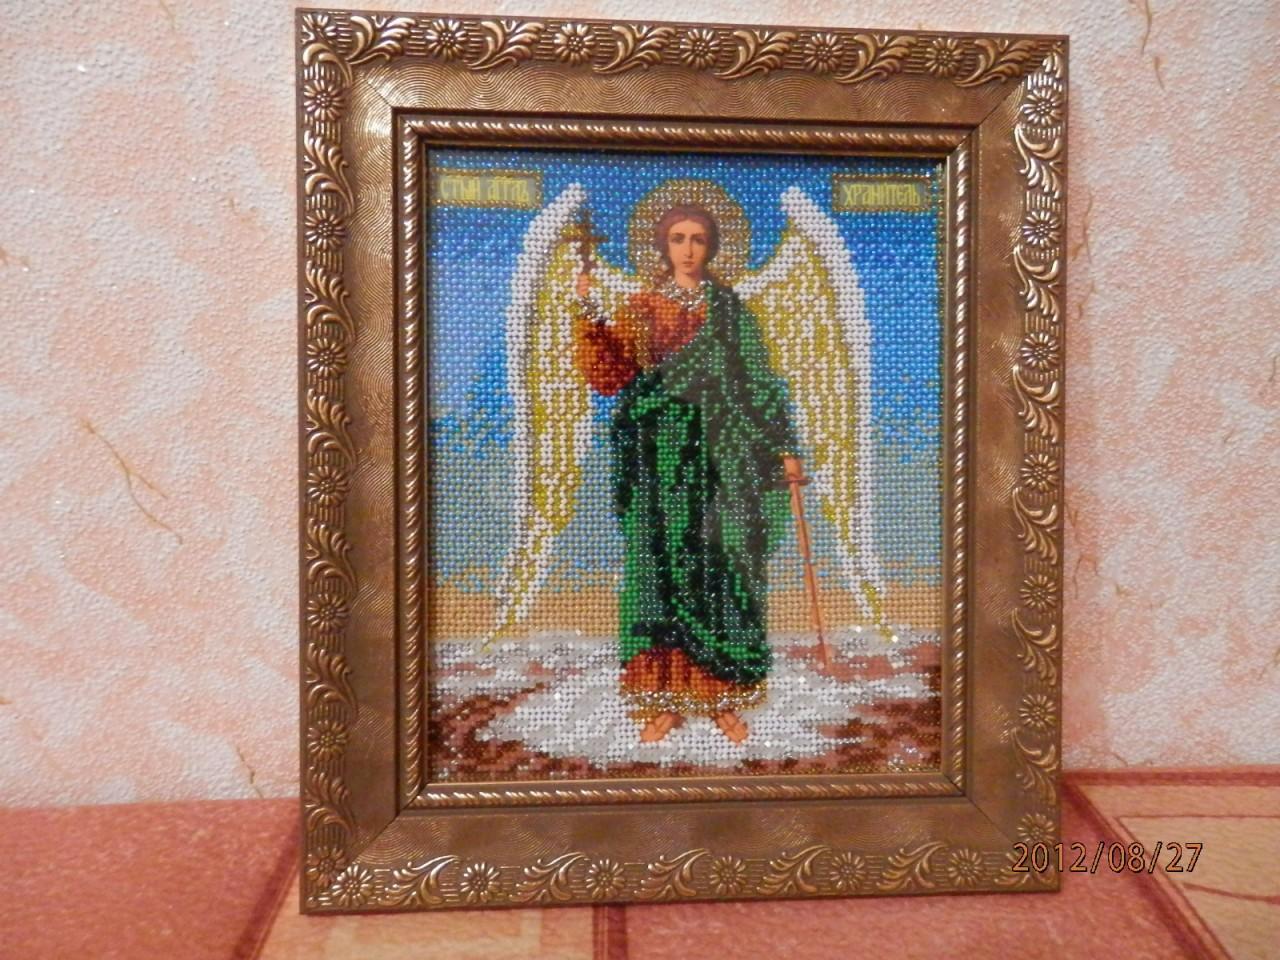 Ангел хранитель вышивка фото